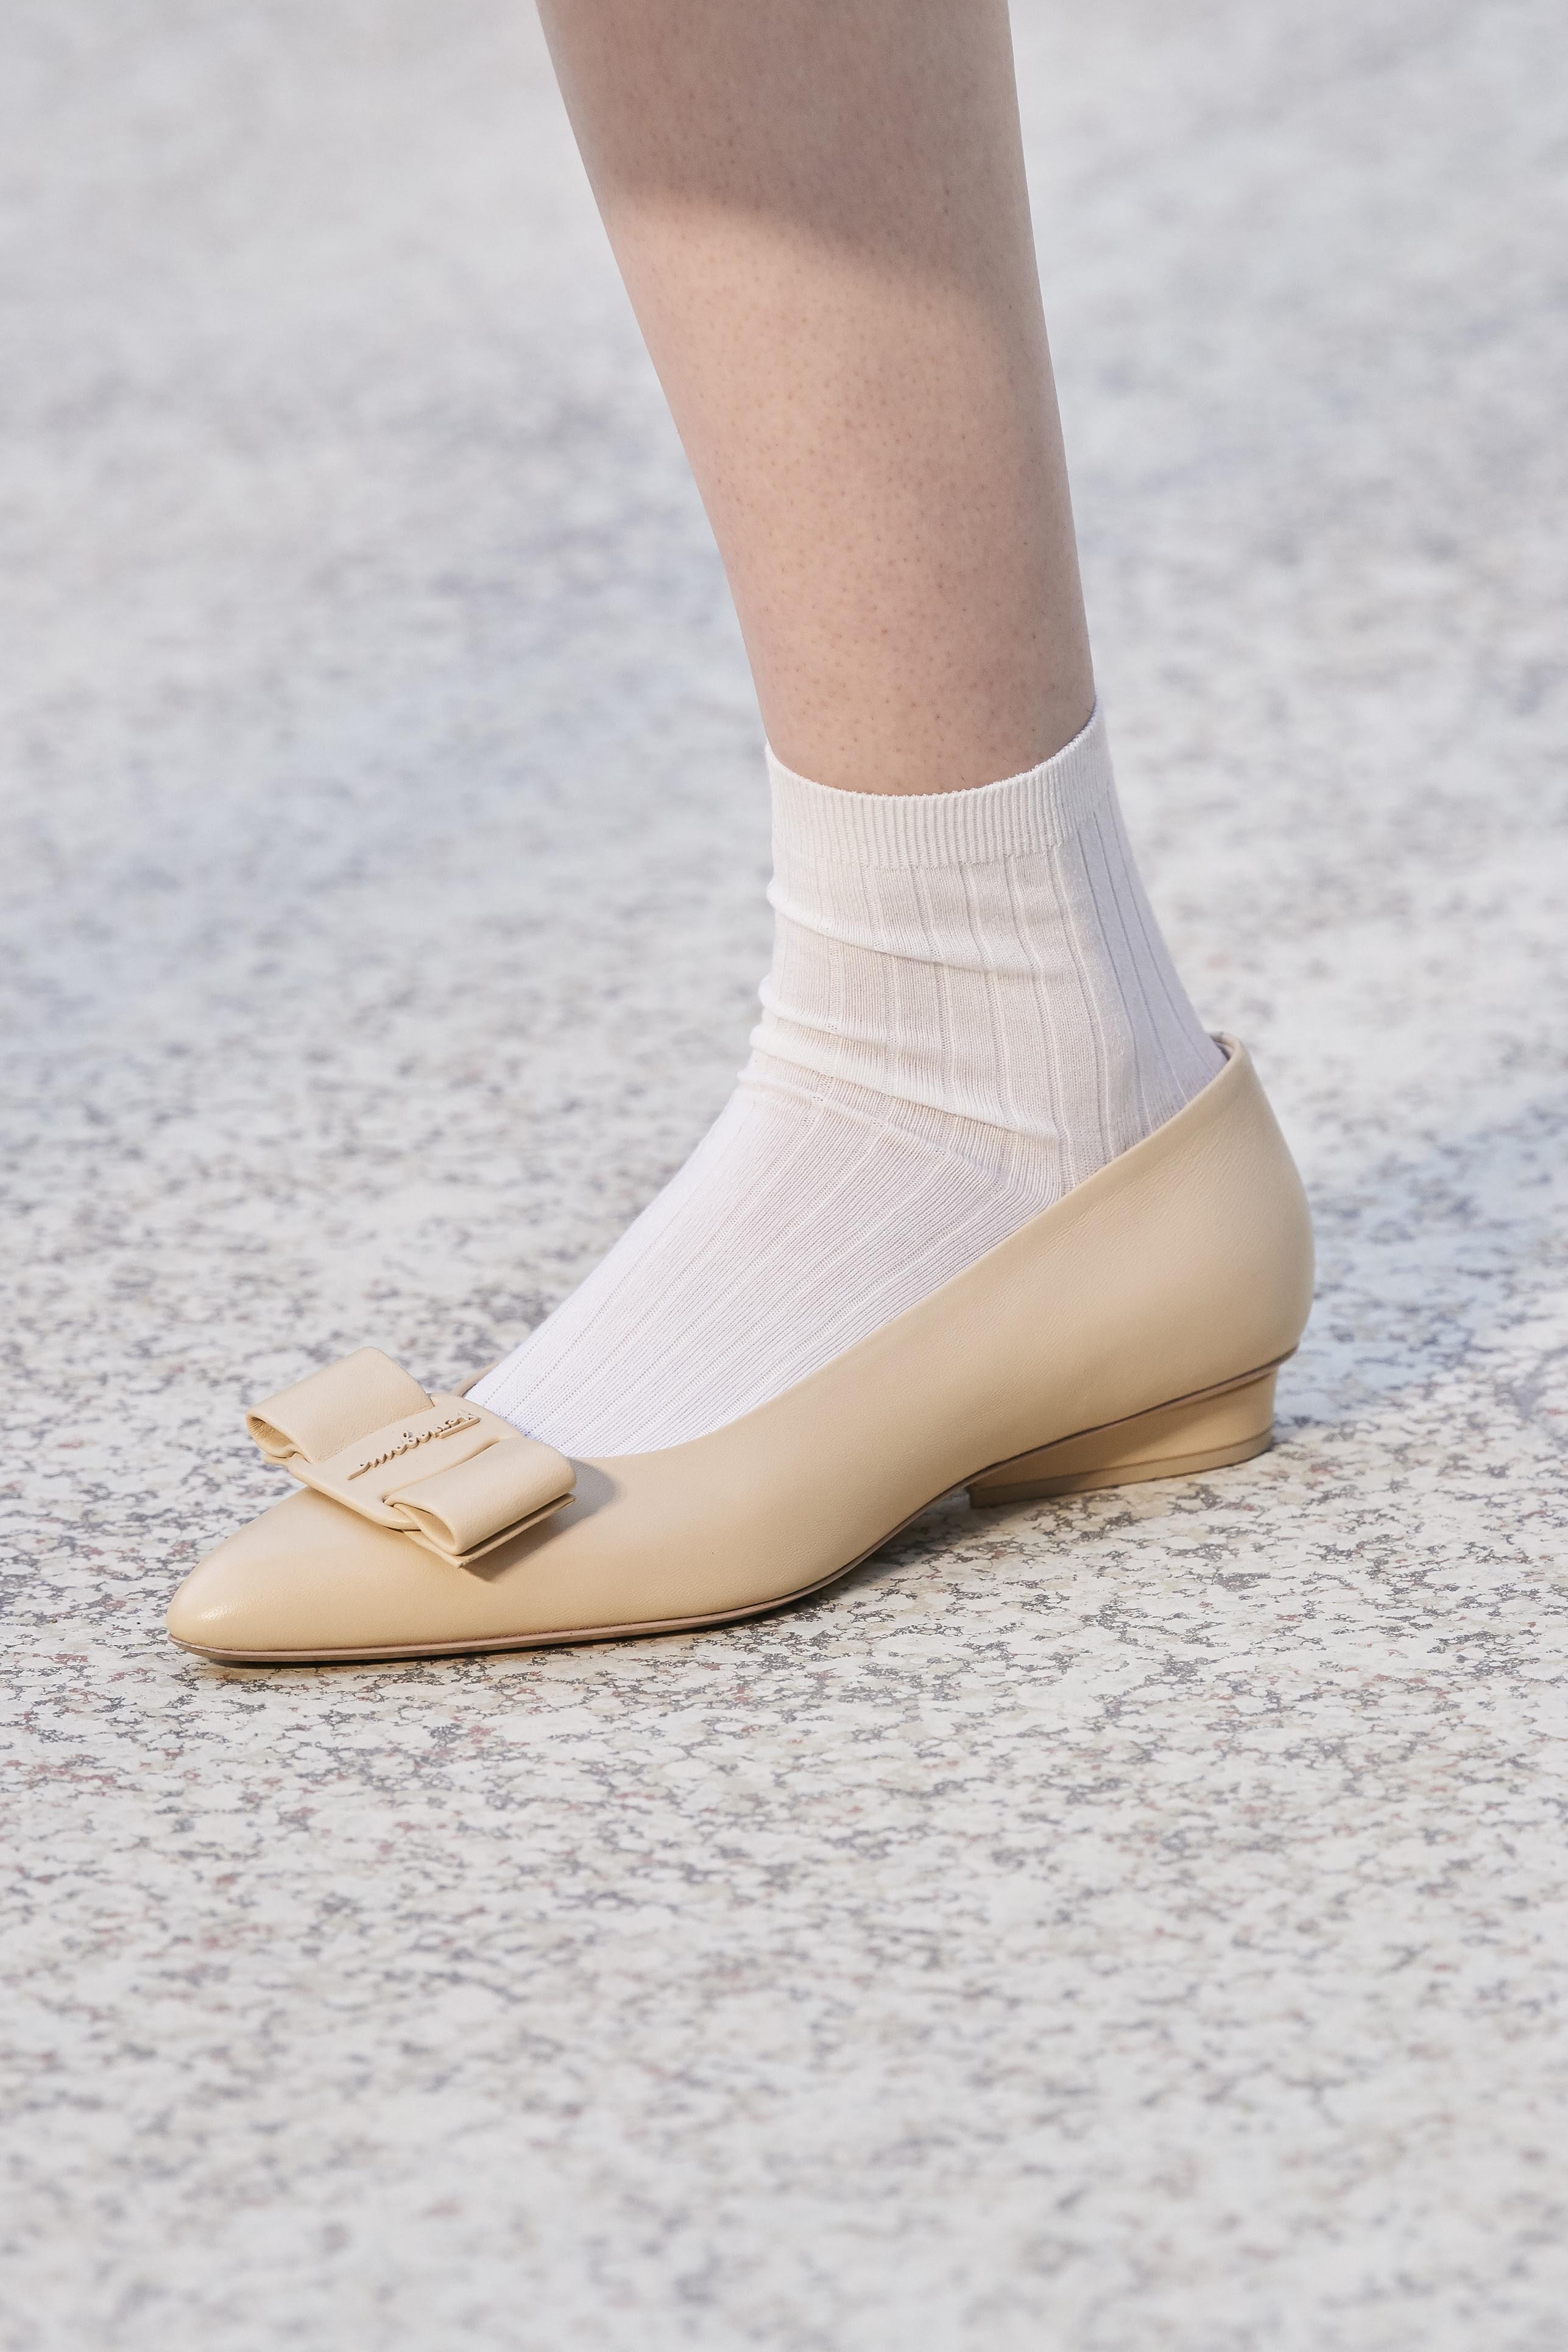 0f9a79ae 5a73 49ae b508 208550a63d44 - Salvatore Ferragamo presenta la campaña del zapato 'VIVA'